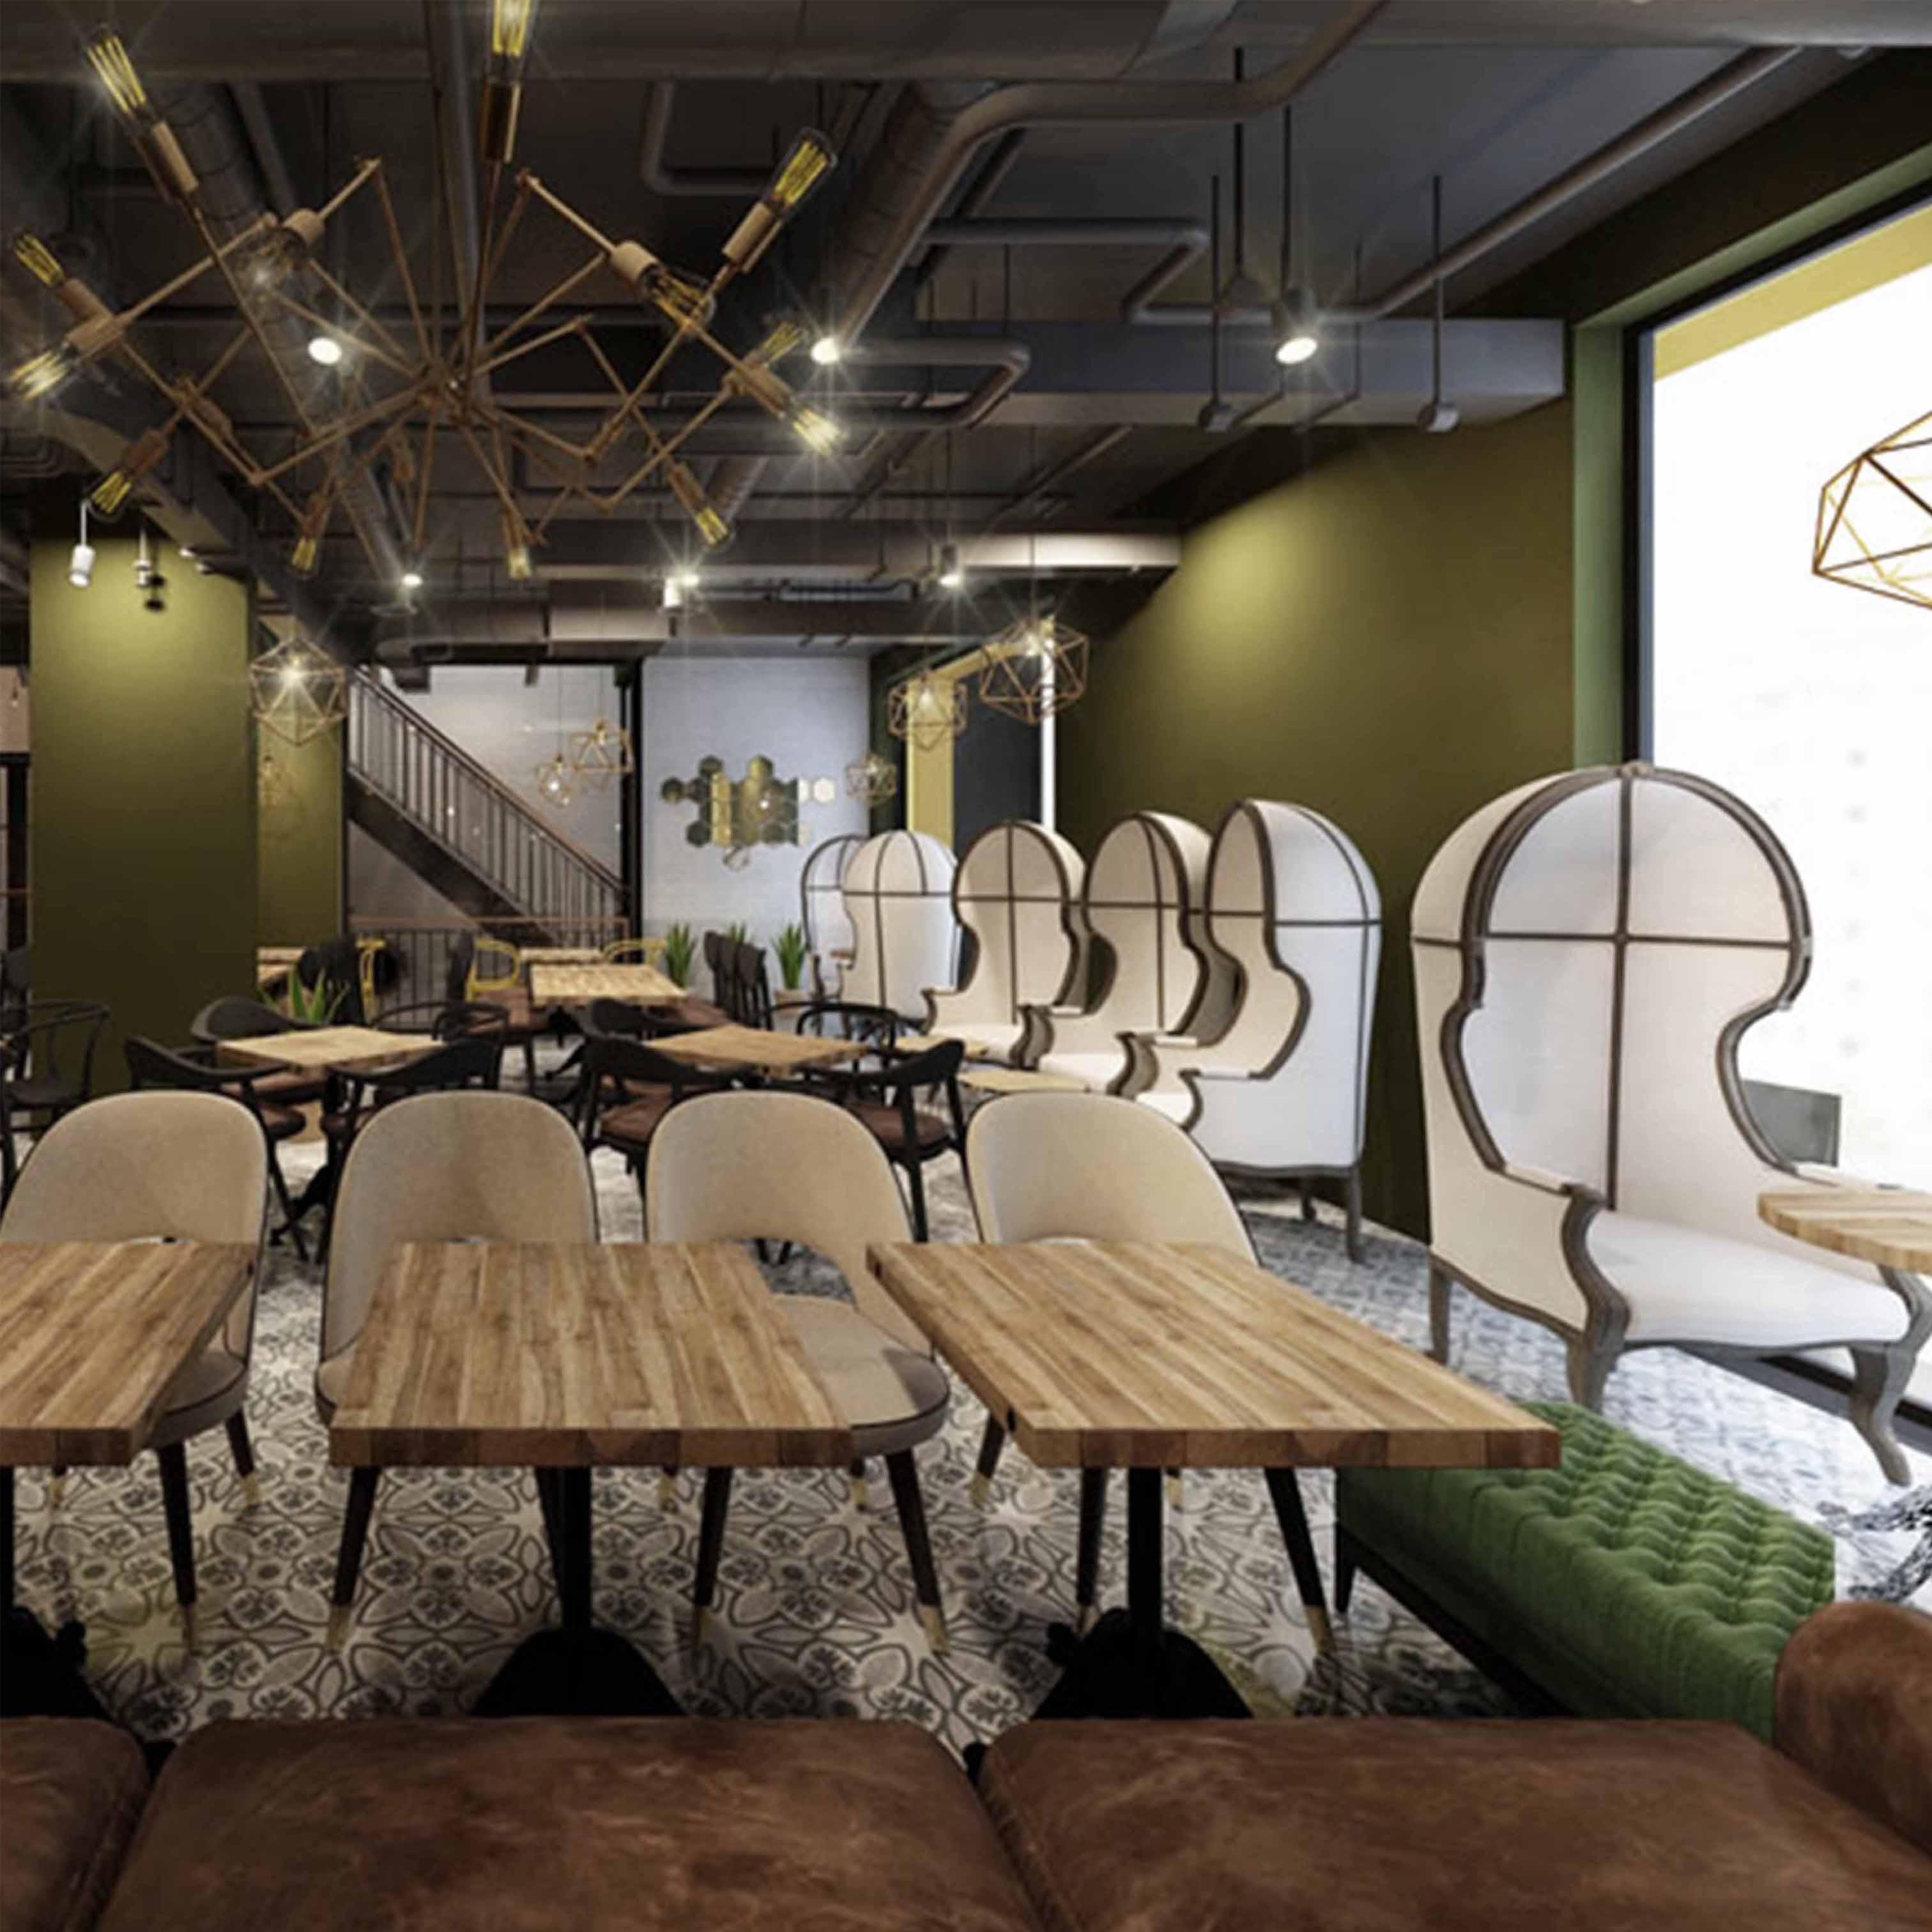 Thiết kế quán cafe theo phong cách Rustic - TK22LHFU